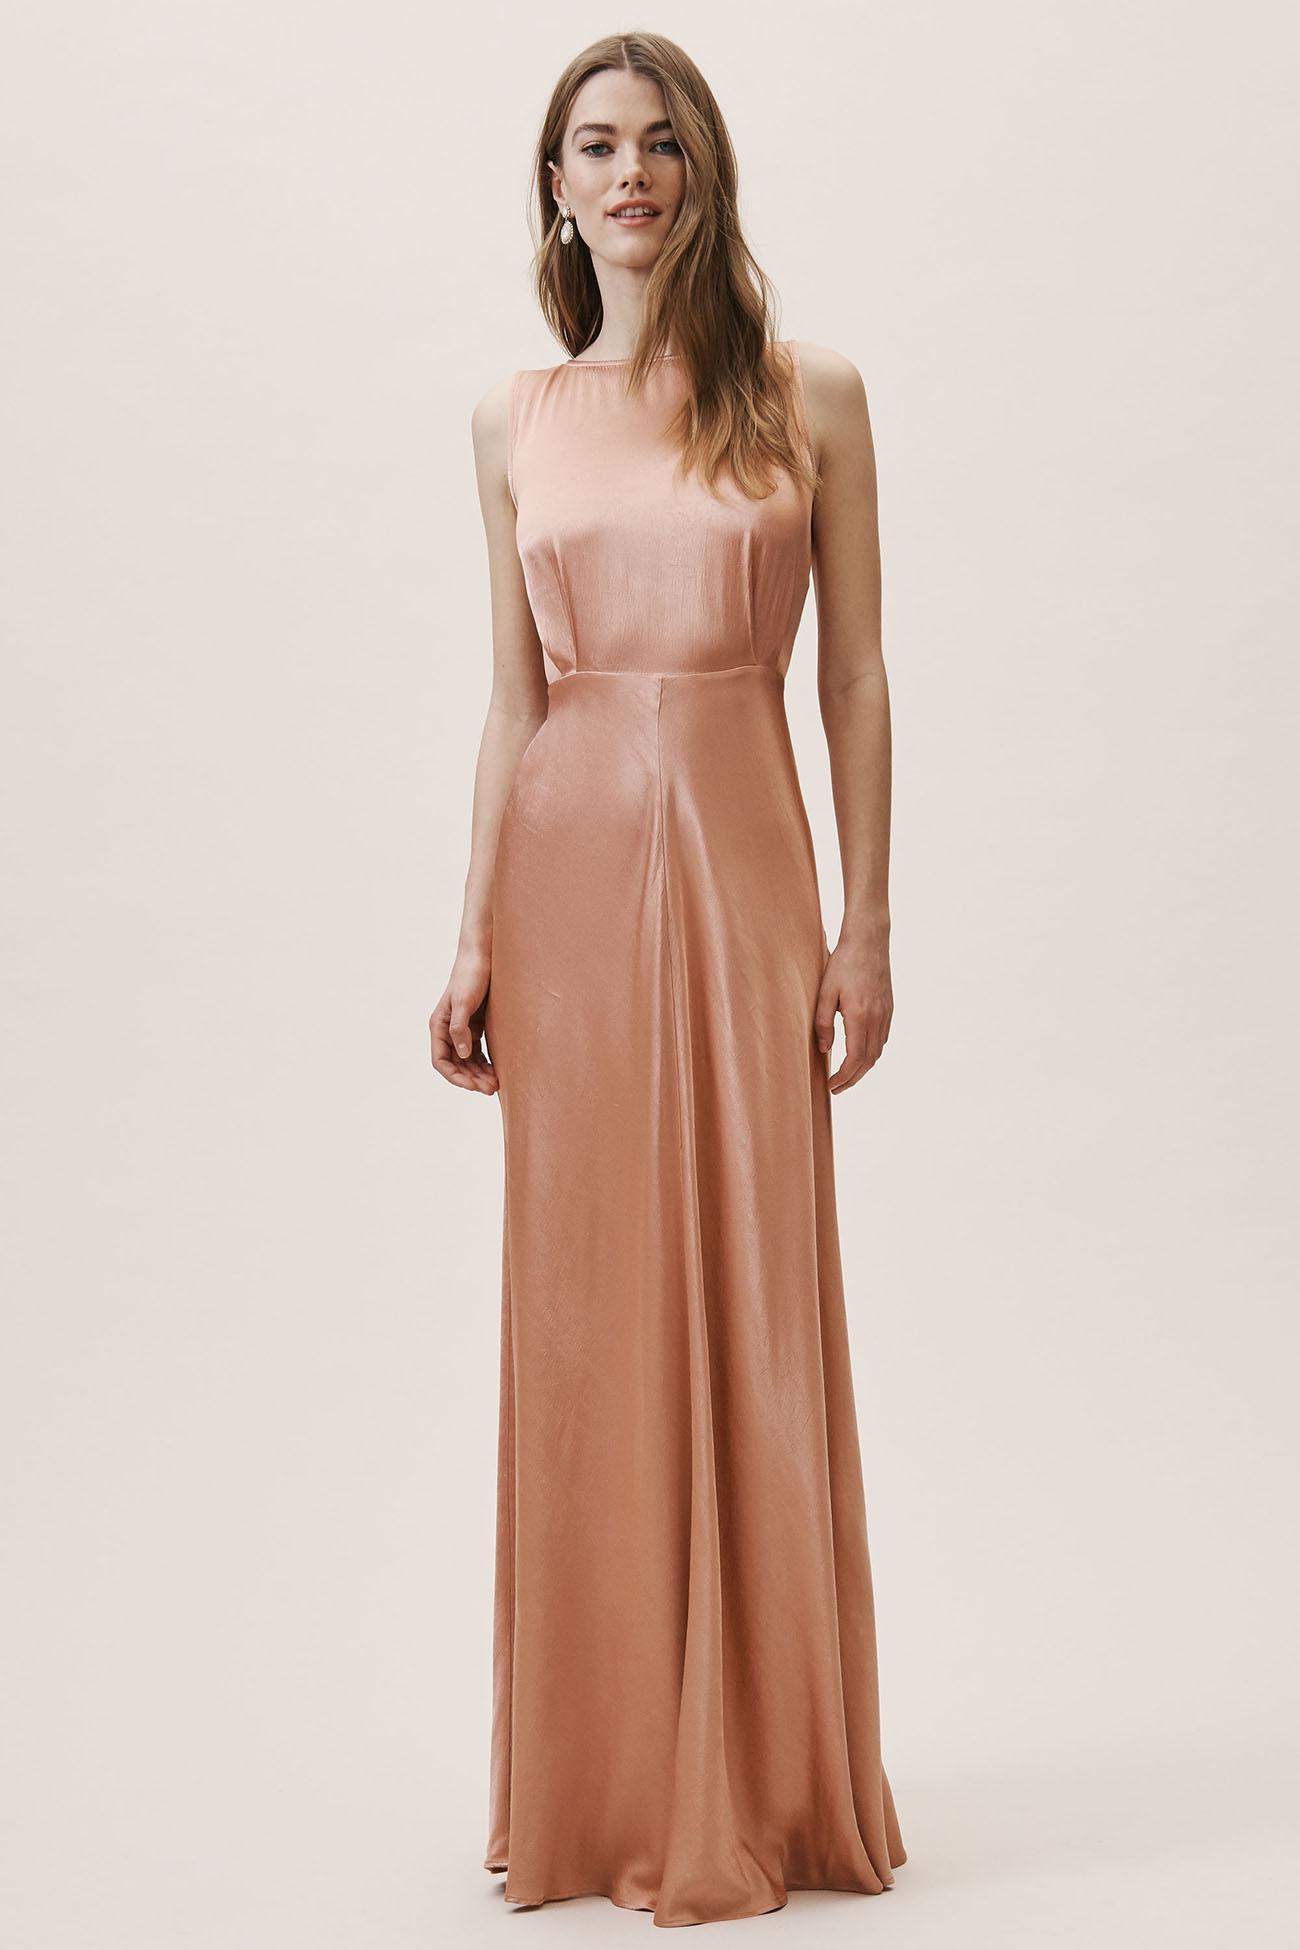 Peach Satin Bridesmaid Dress